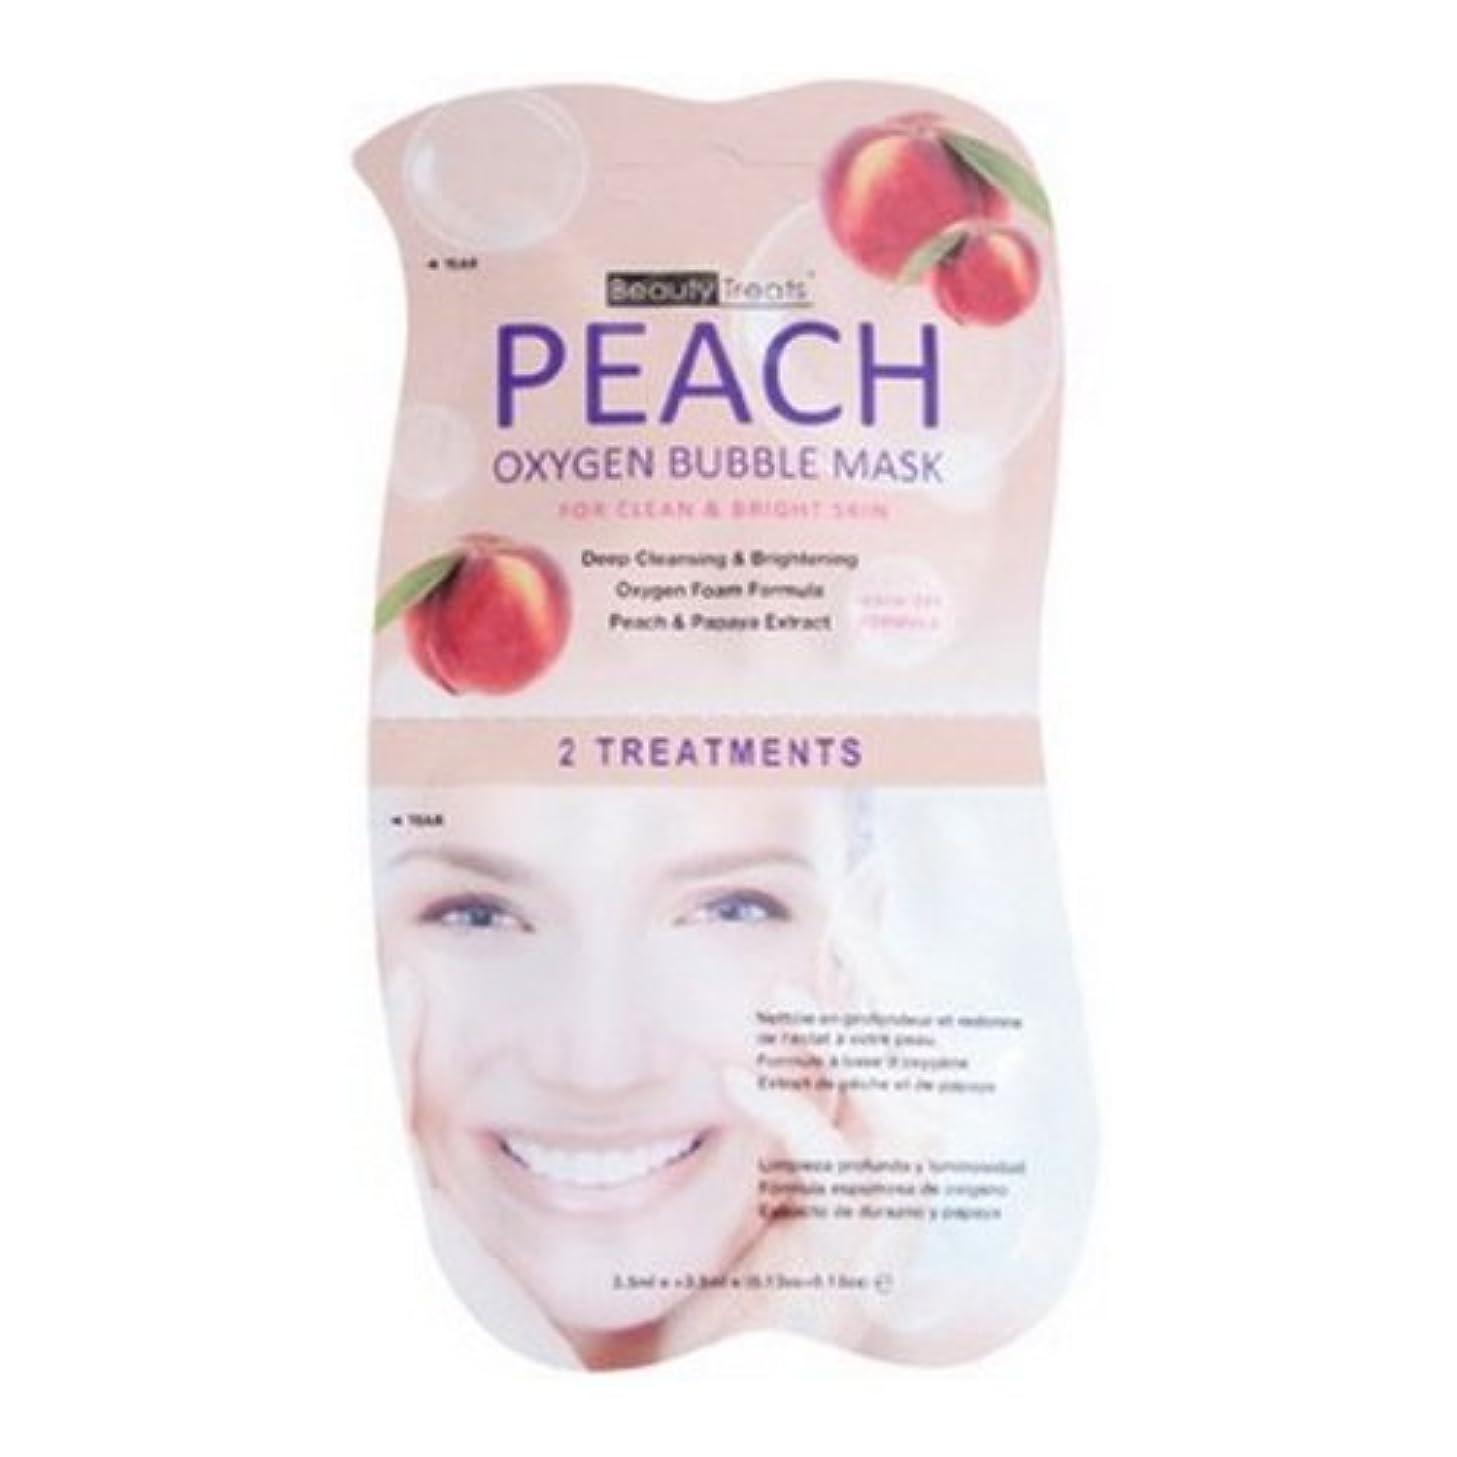 乳剤吸収あご(3 Pack) BEAUTY TREATS Peach Oxygen Bubble Mask - Peach (並行輸入品)